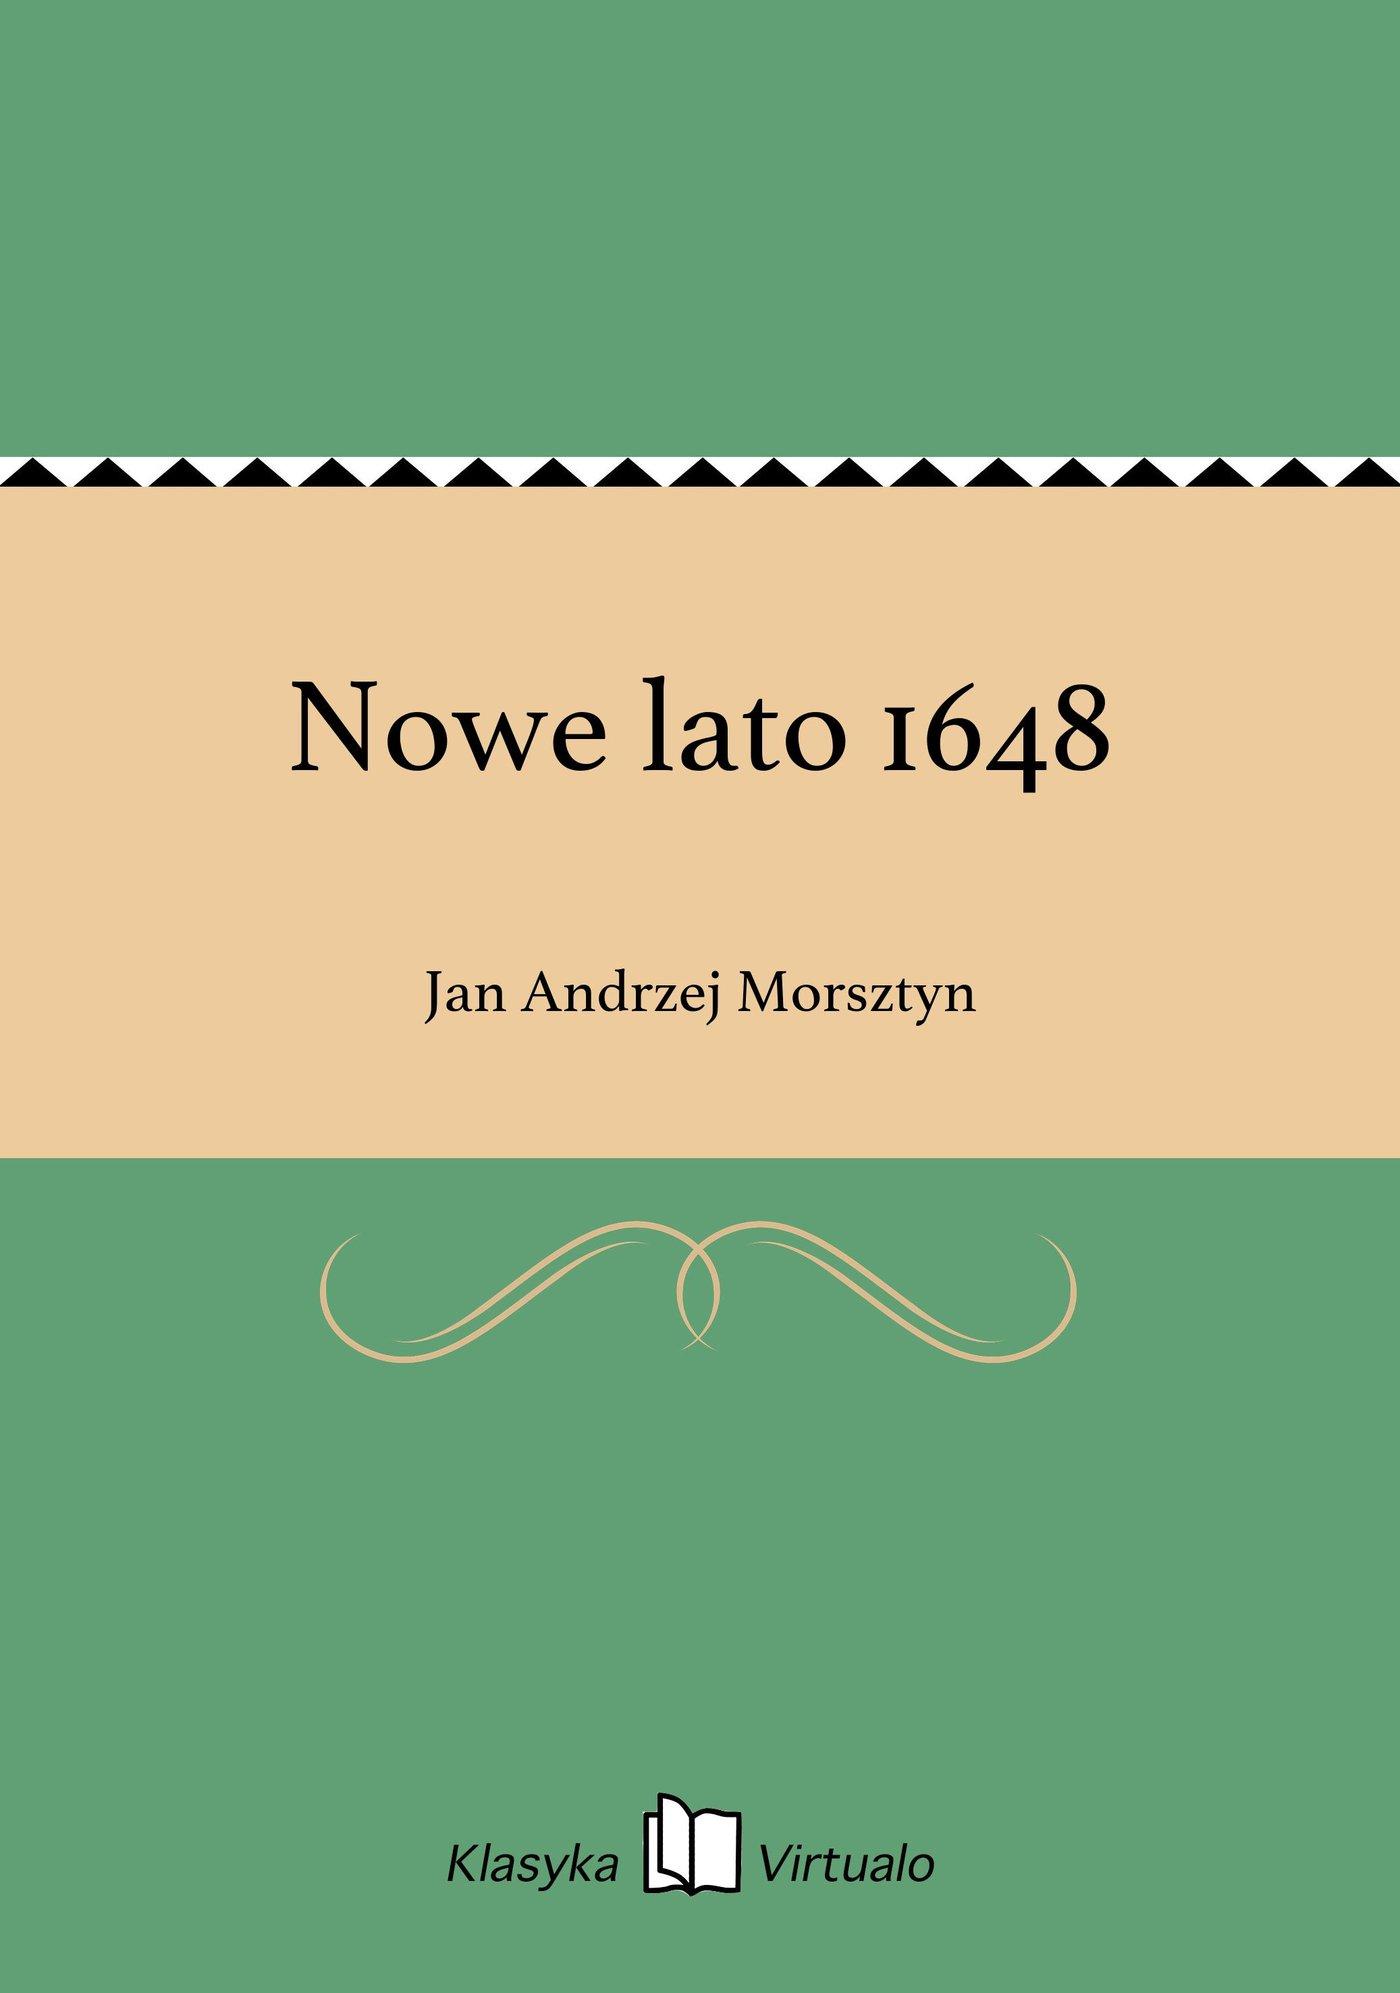 Nowe lato 1648 - Ebook (Książka EPUB) do pobrania w formacie EPUB